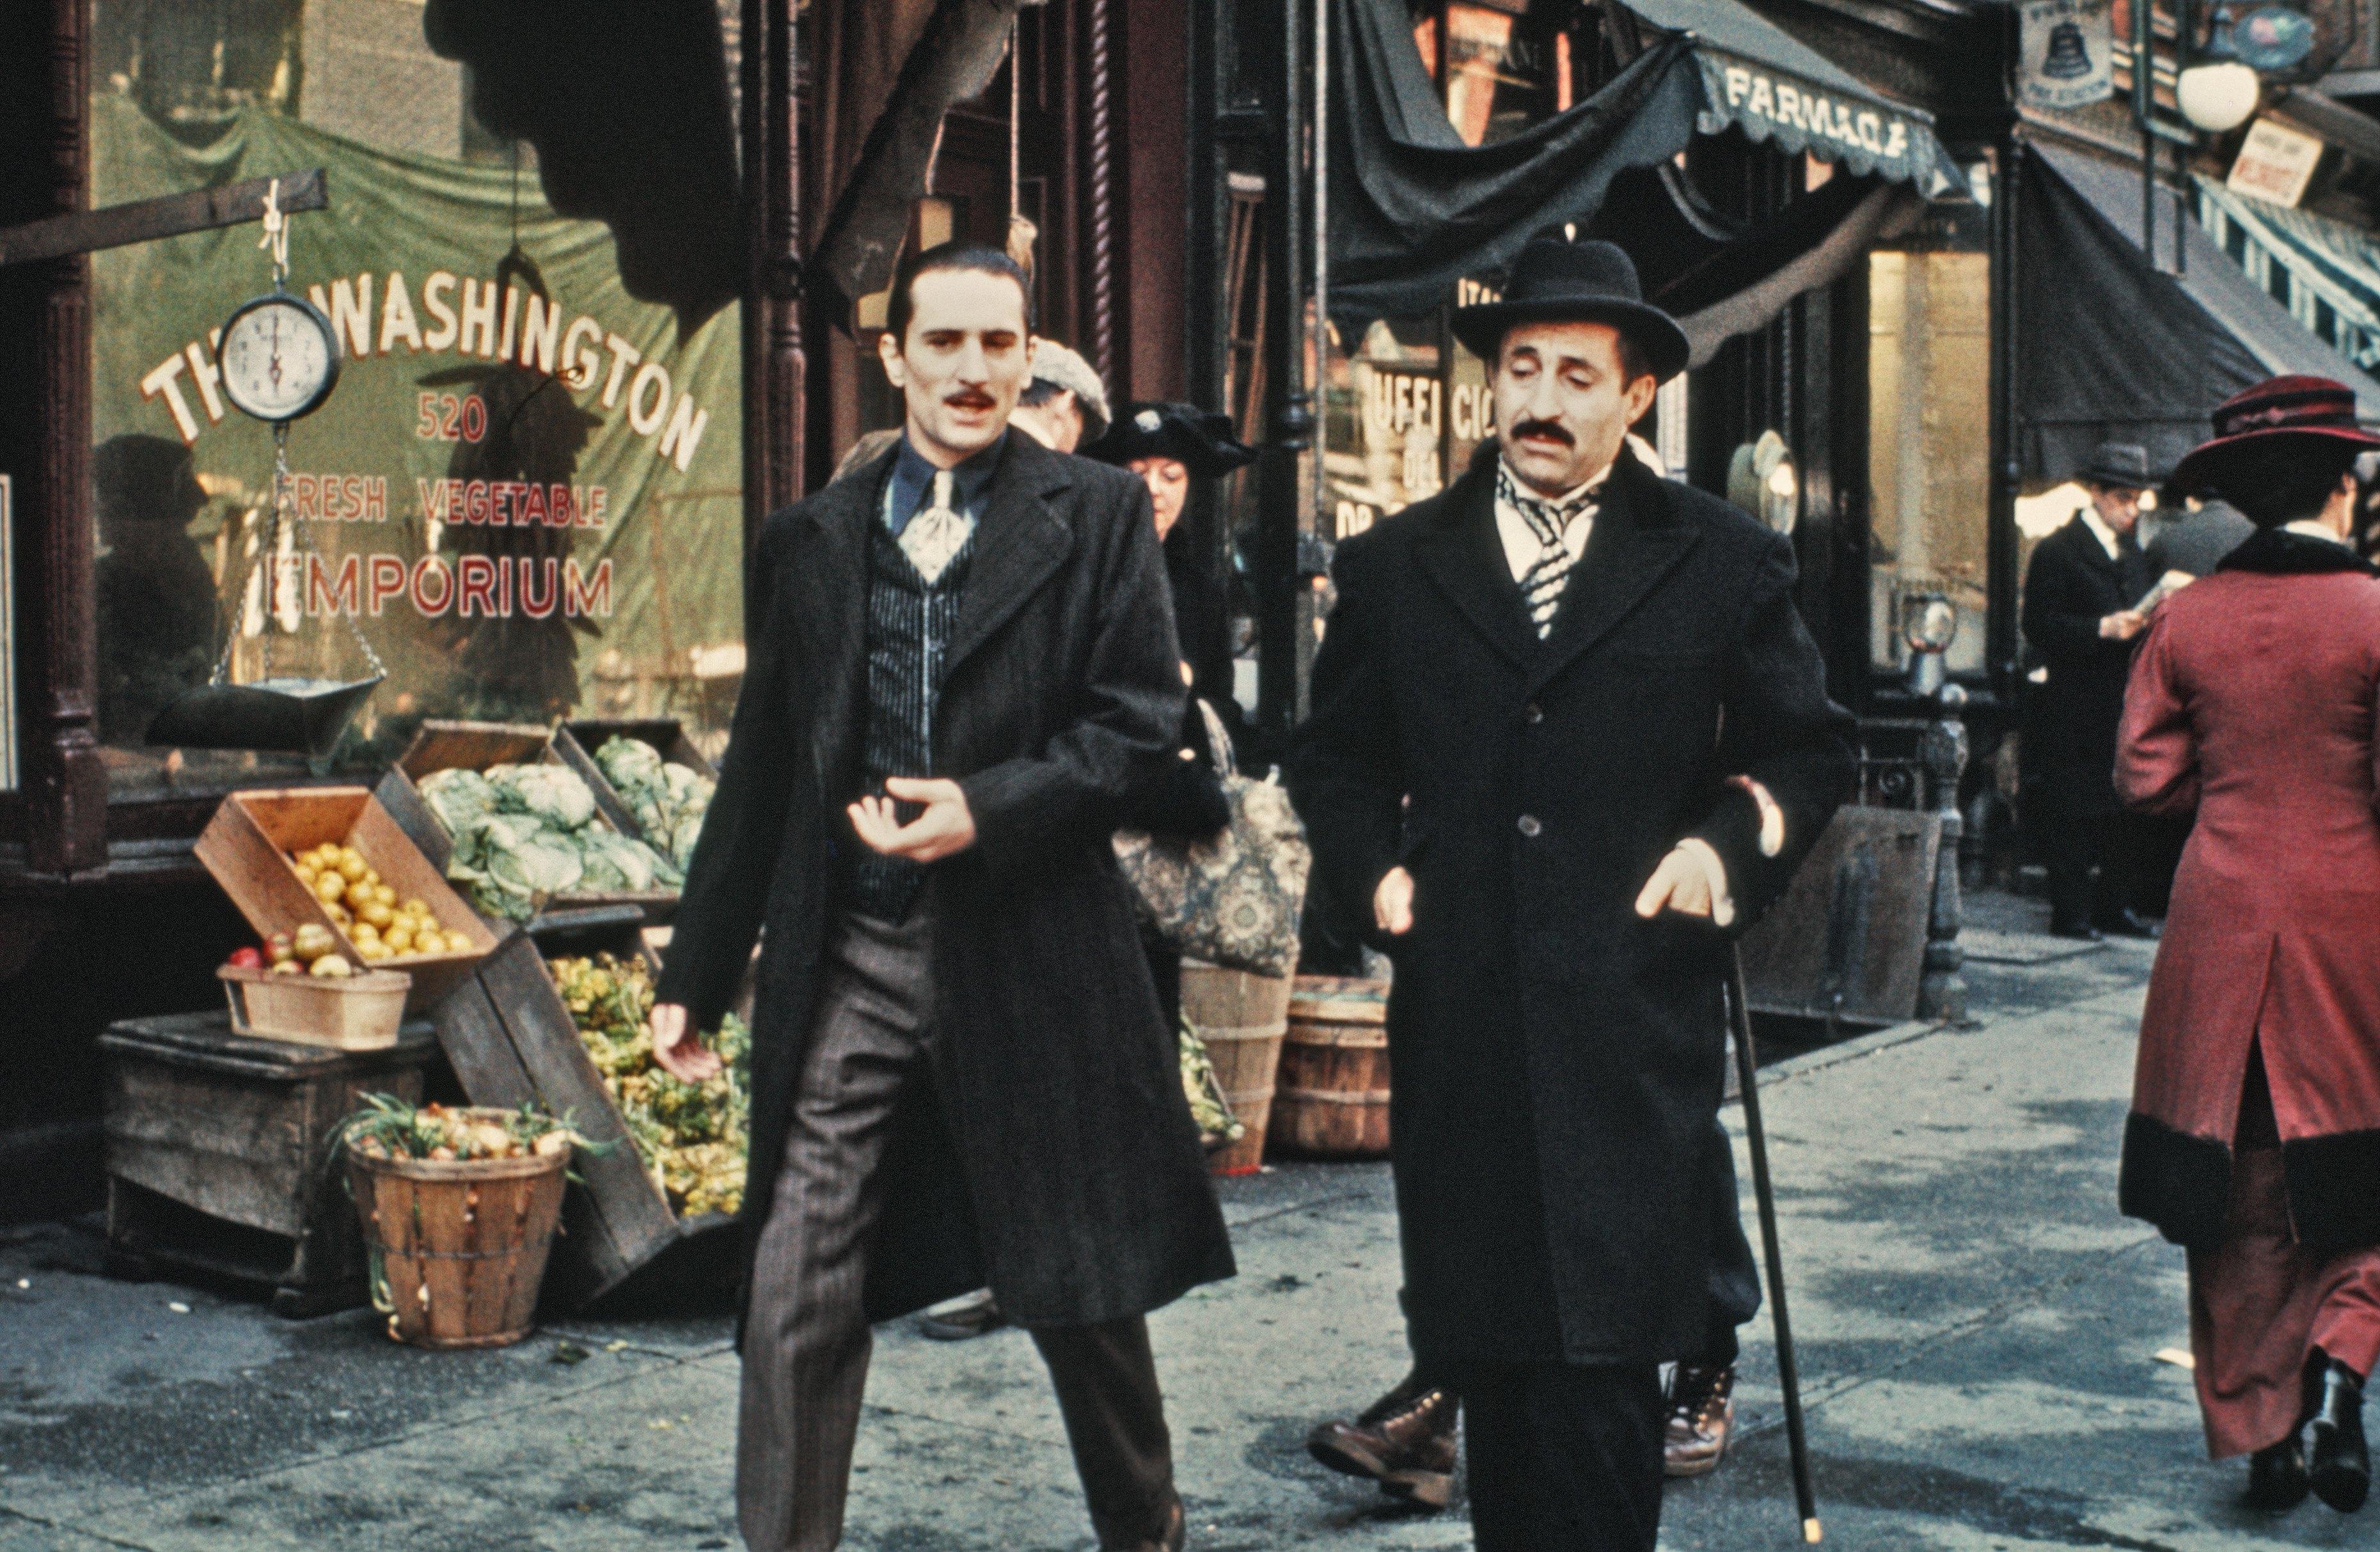 Robert De Niro and Leopoldo Trieste in The Godfather: Part II (1974)